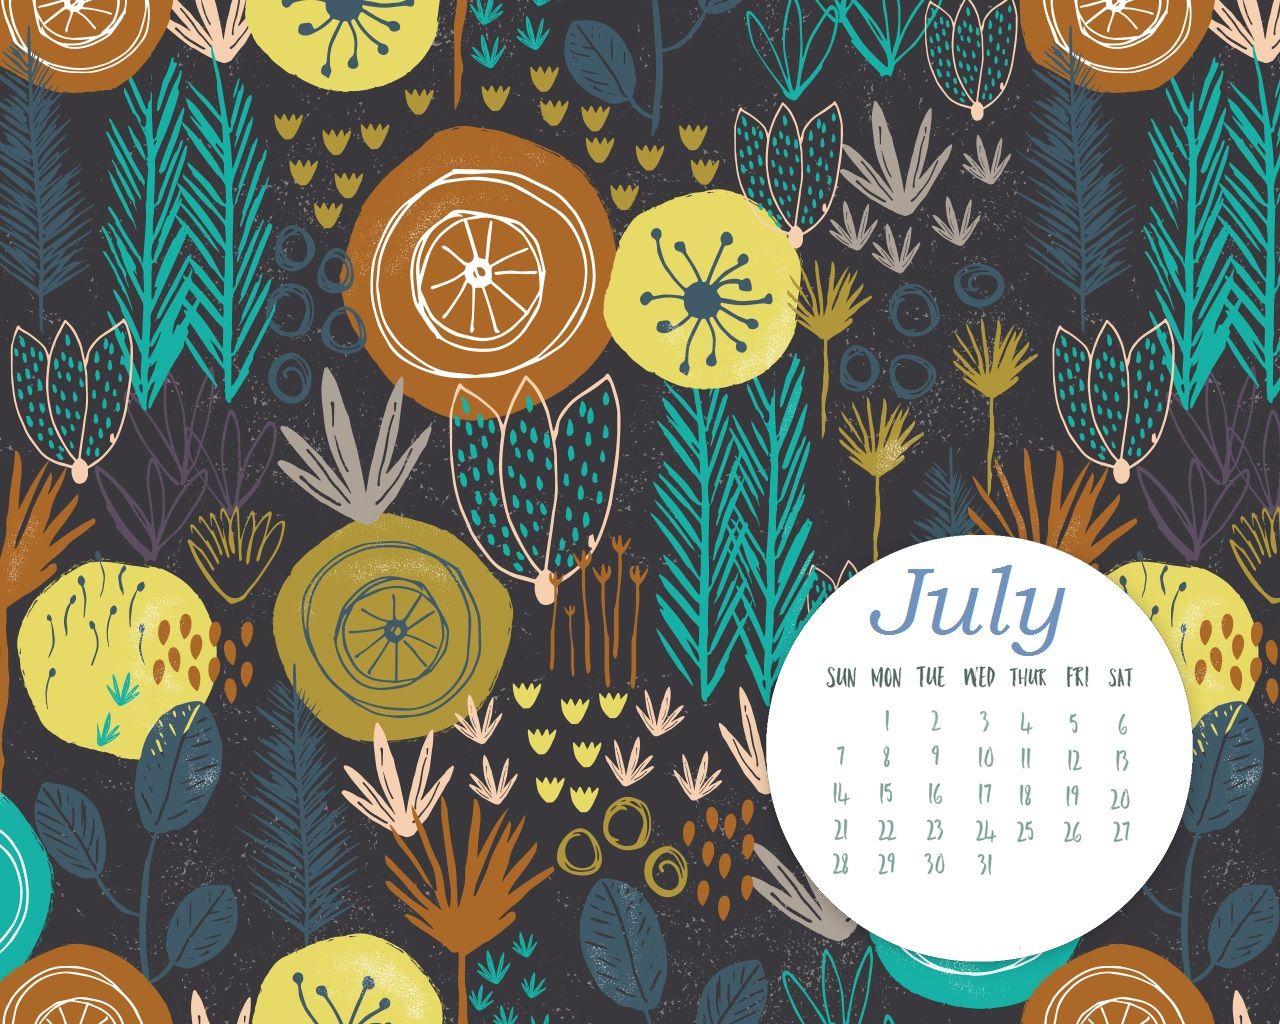 Free July 2019 HD Calendar Wallpaper Calendar wallpaper